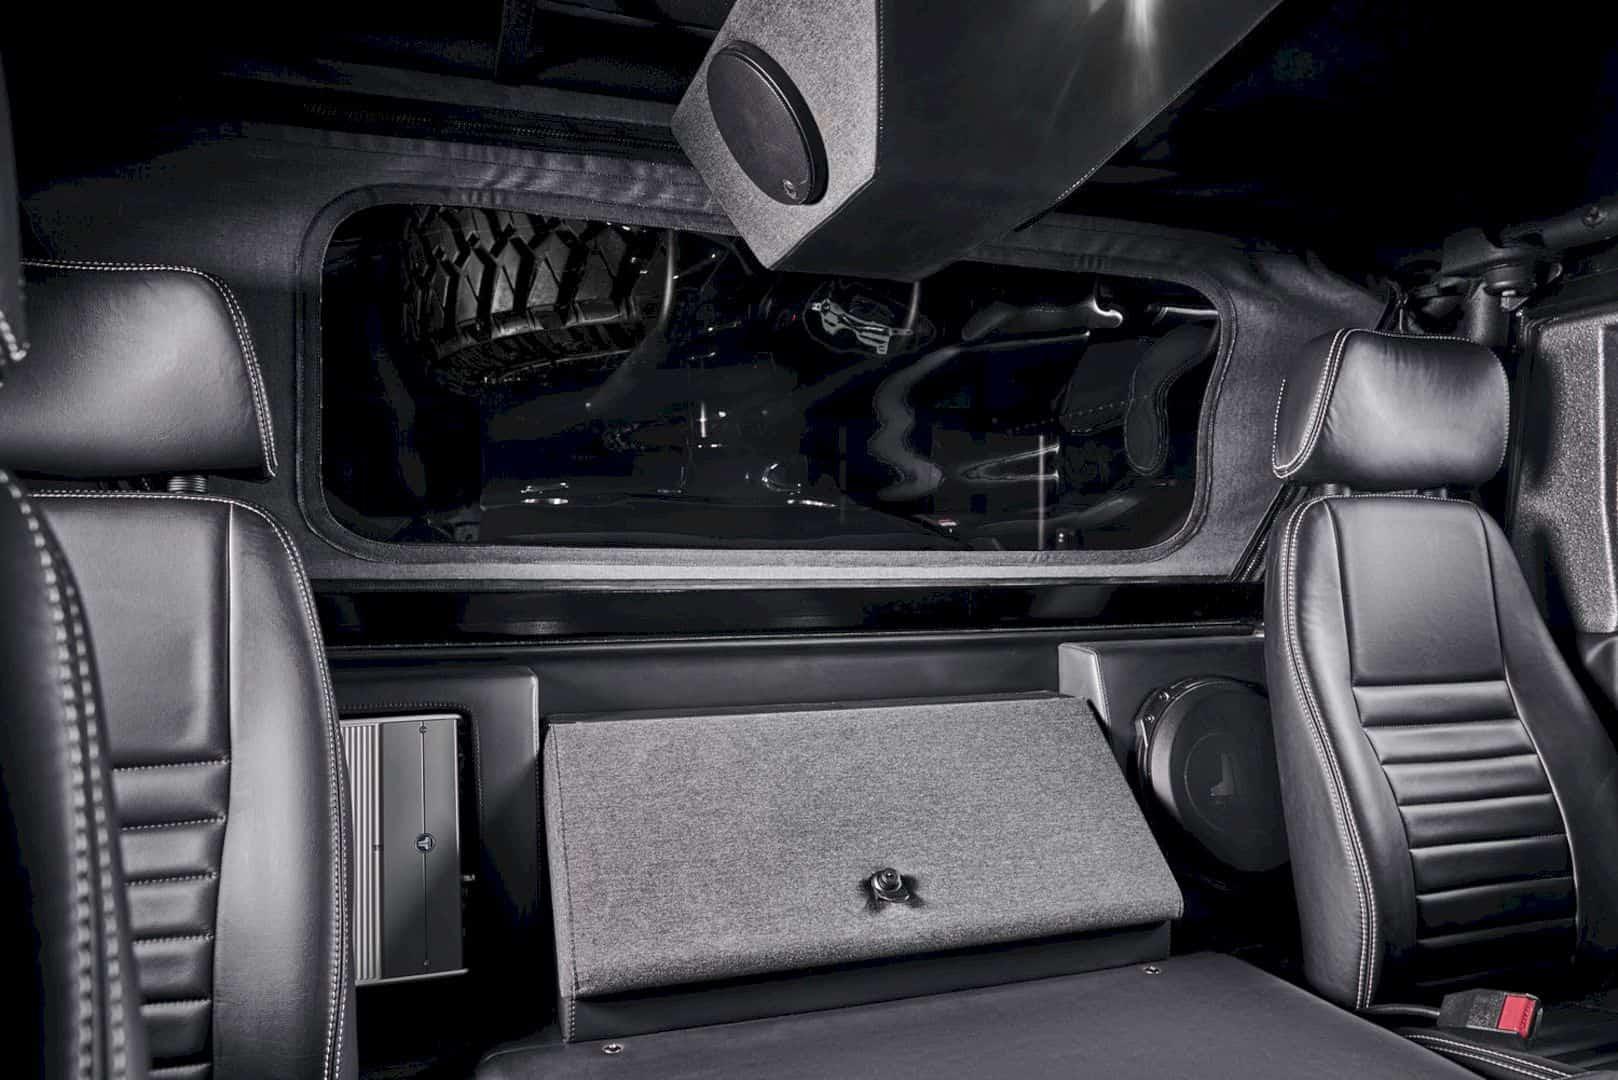 Mil Spec Automotive Hummer H1 Launch Edition 3